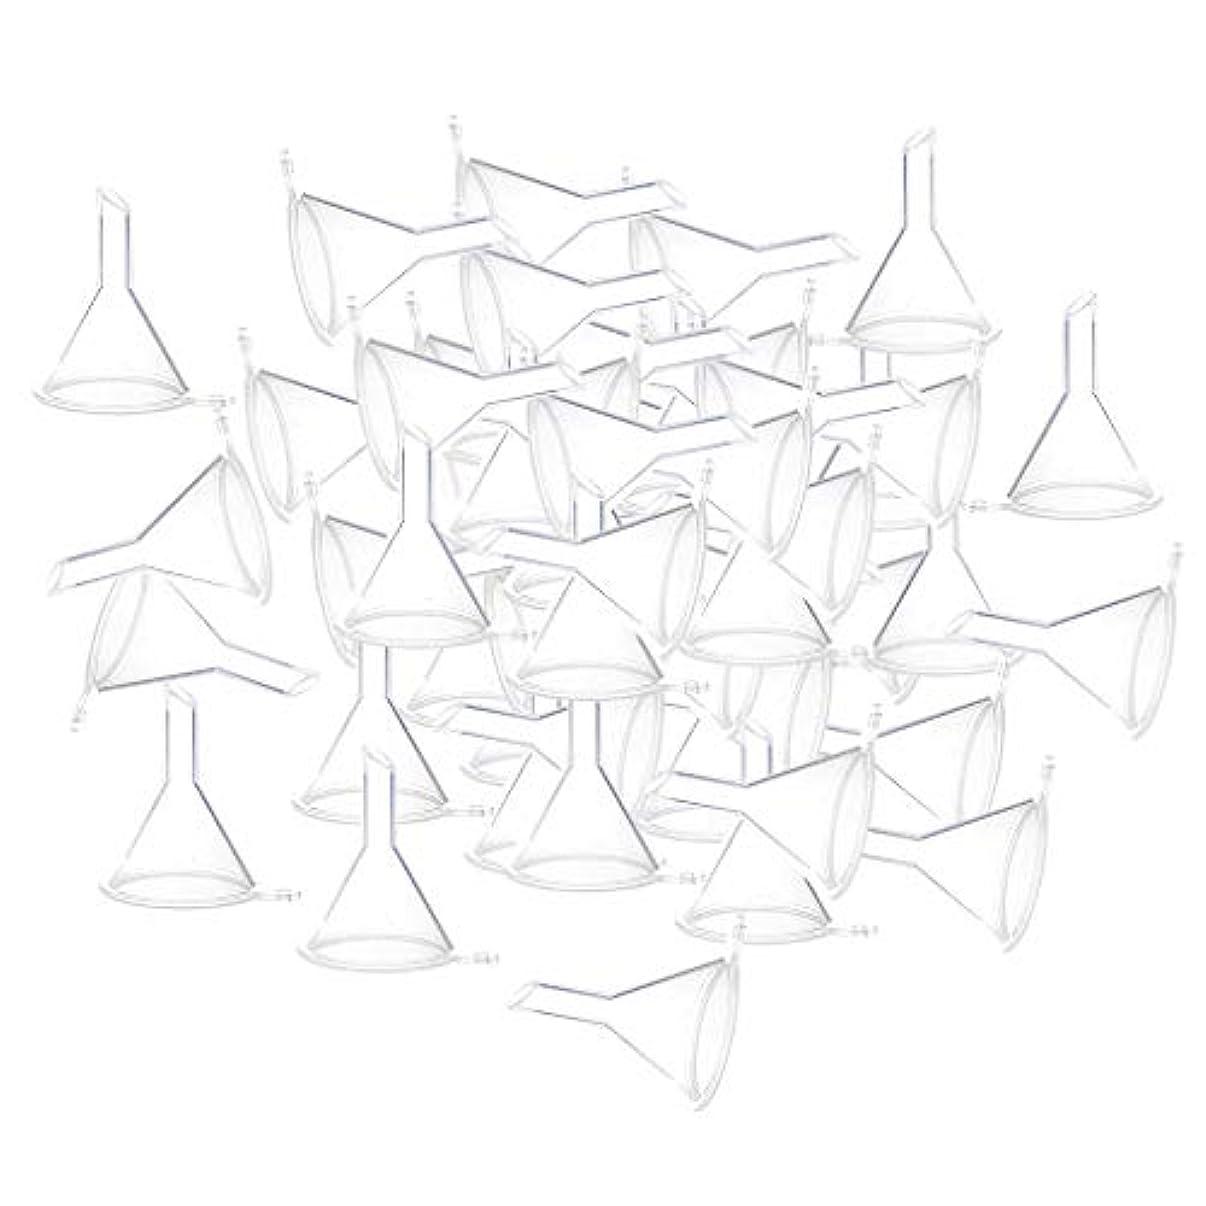 慣れるその他肯定的DYNWAVE エッセンシャルオイル 液体 香水用 小分けツール ミニ ファンネル 100個入り 全3色